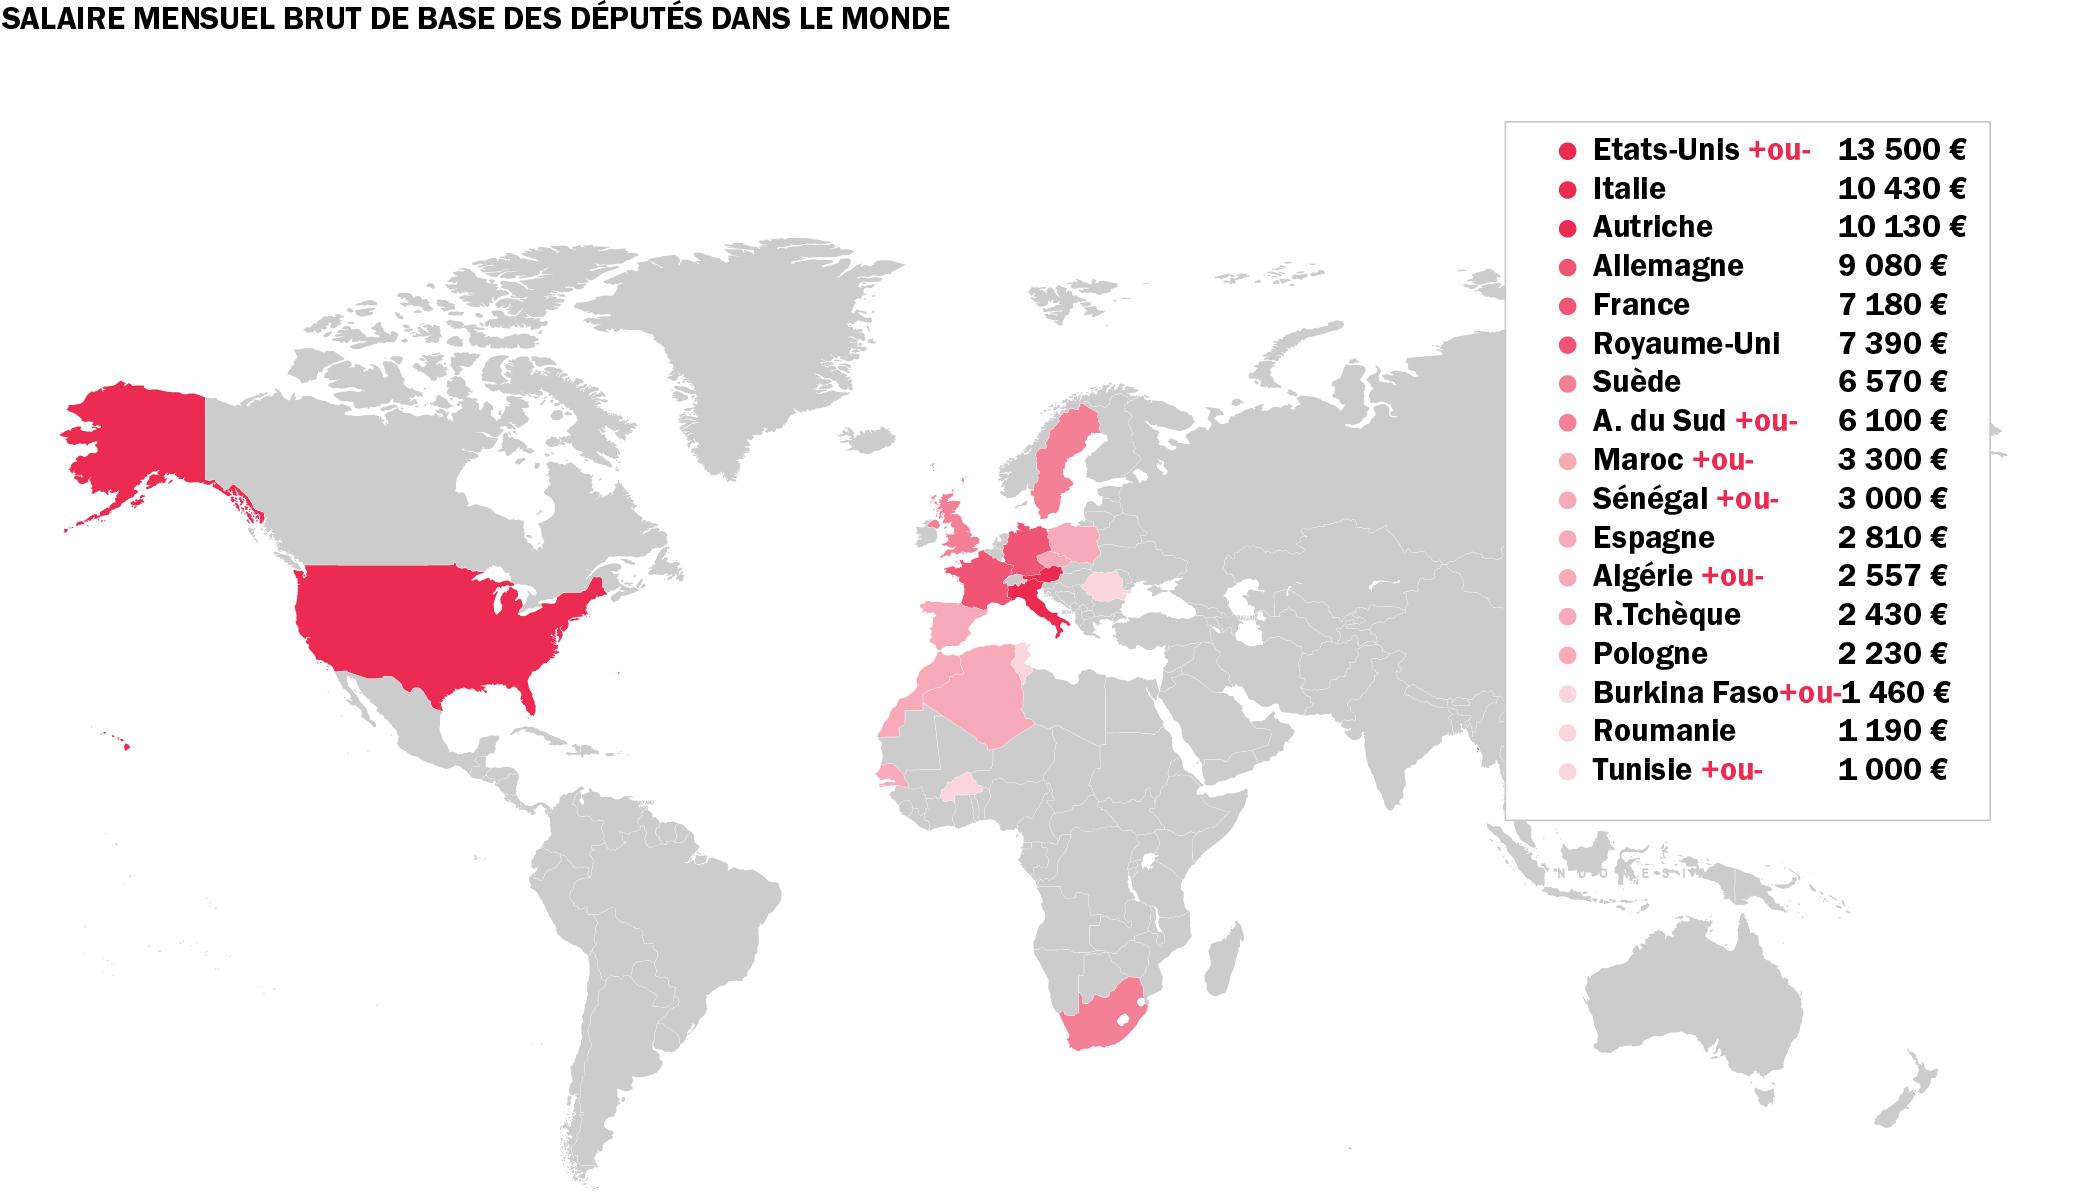 Salaire Des Deputes Les Marocains Mieux Payes Que Les Algeriens Et